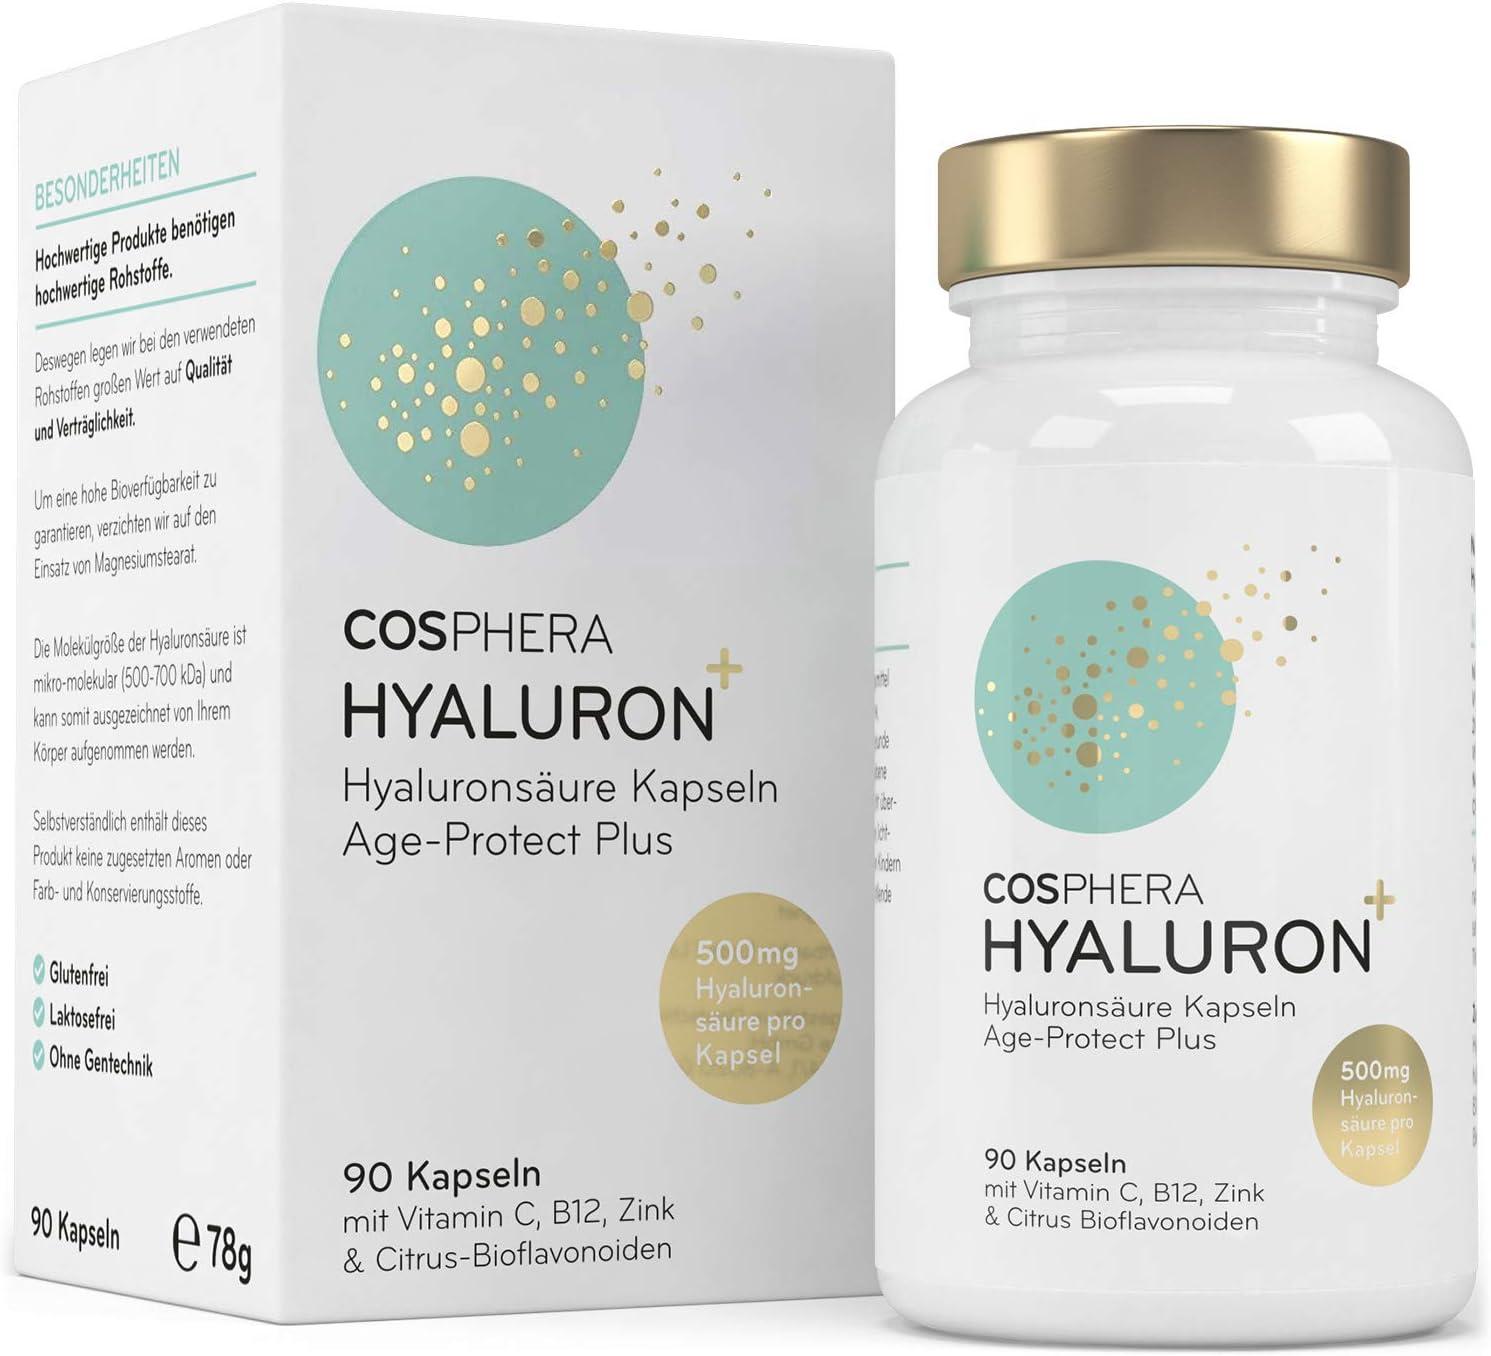 Cápsulas de Ácido Hialurónico - Dosis Alta con 500 mg, 90 Cápsulas pour 3 Meses - 500-700 kDa - Colágeno Vegano, Zinc, Vitamina C, B12 y ...